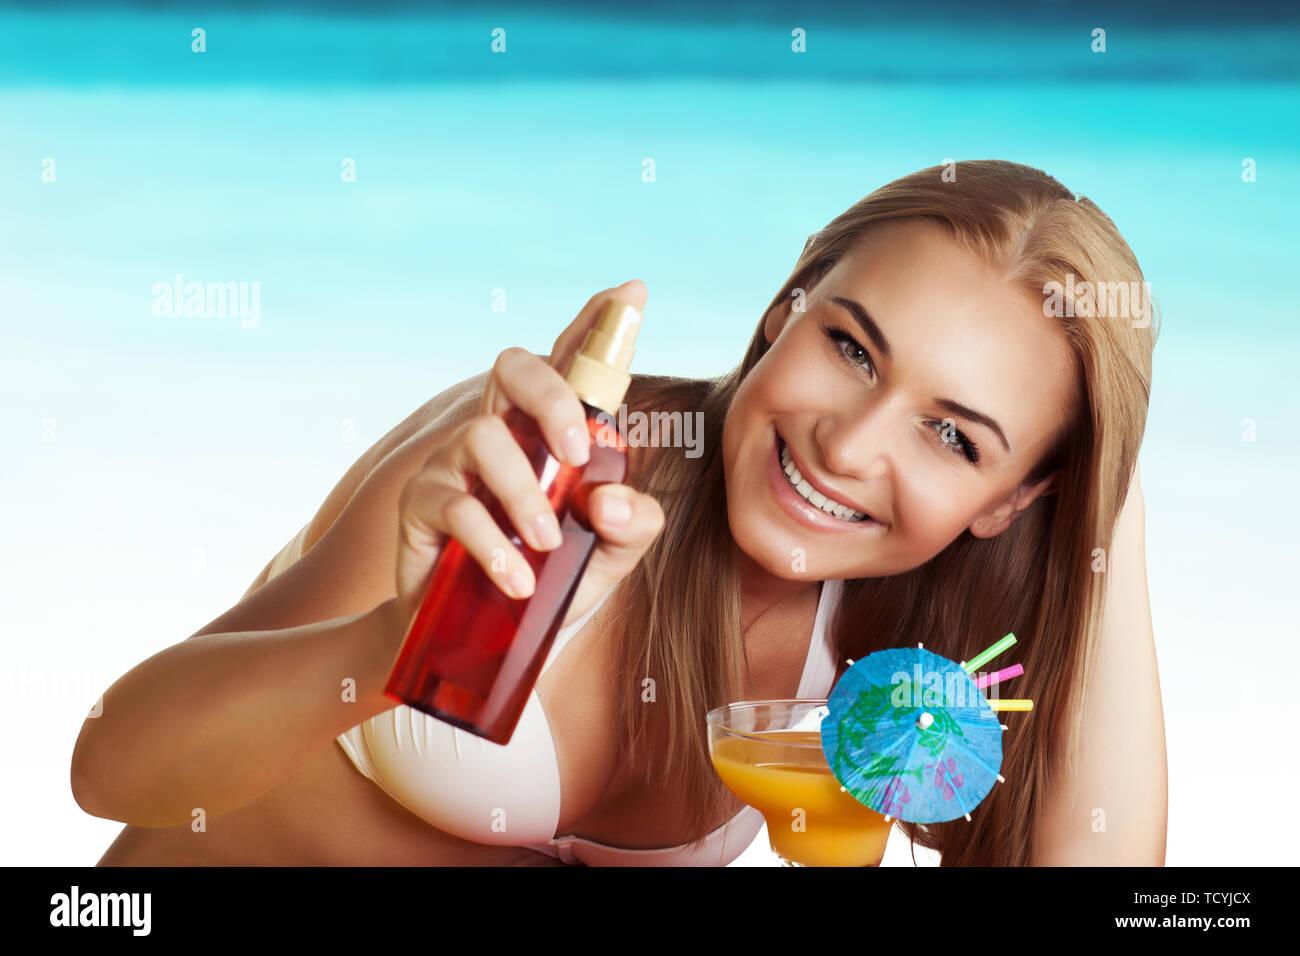 Ritratto di una bella donna trascorrere weekend sulla spiaggia, l'applicazione di crema solare per il corpo, sani e sicuri la concia, bevendo un cocktail sulla spiaggia resort Immagini Stock